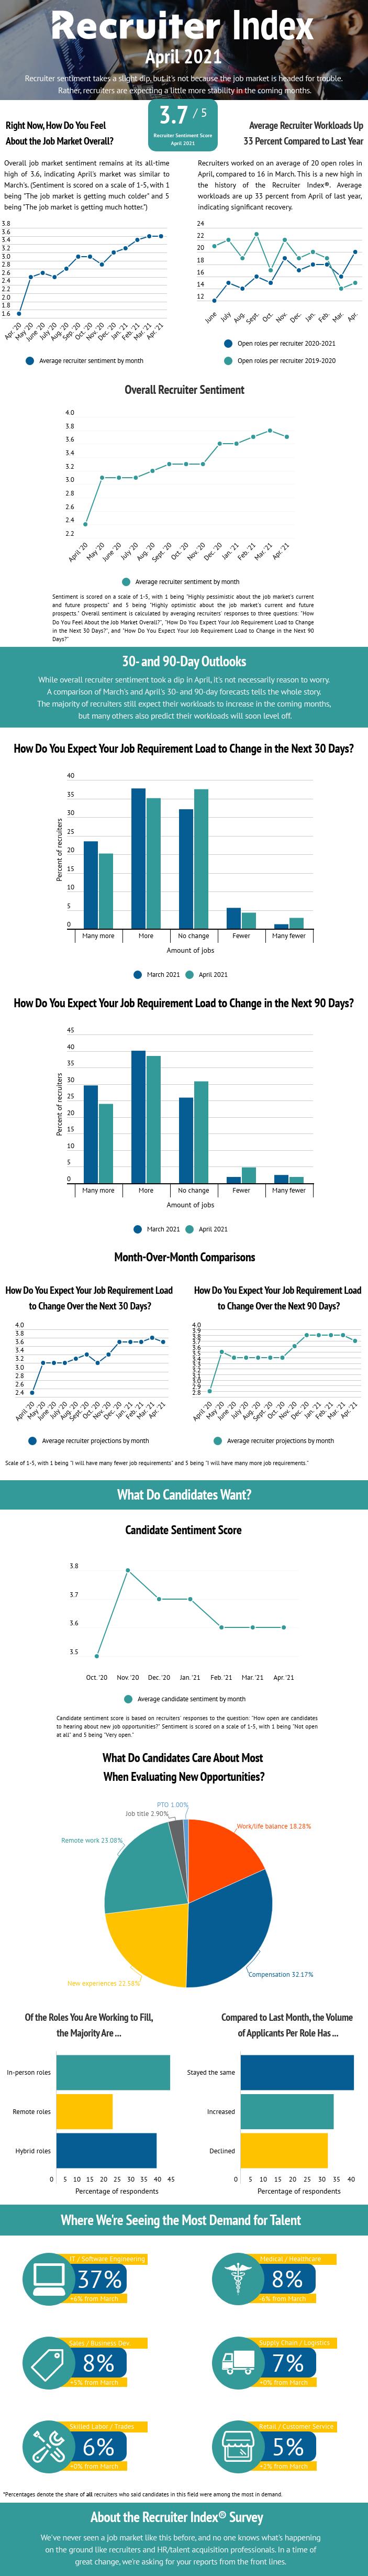 Recruiter Index April 2021 Infographic